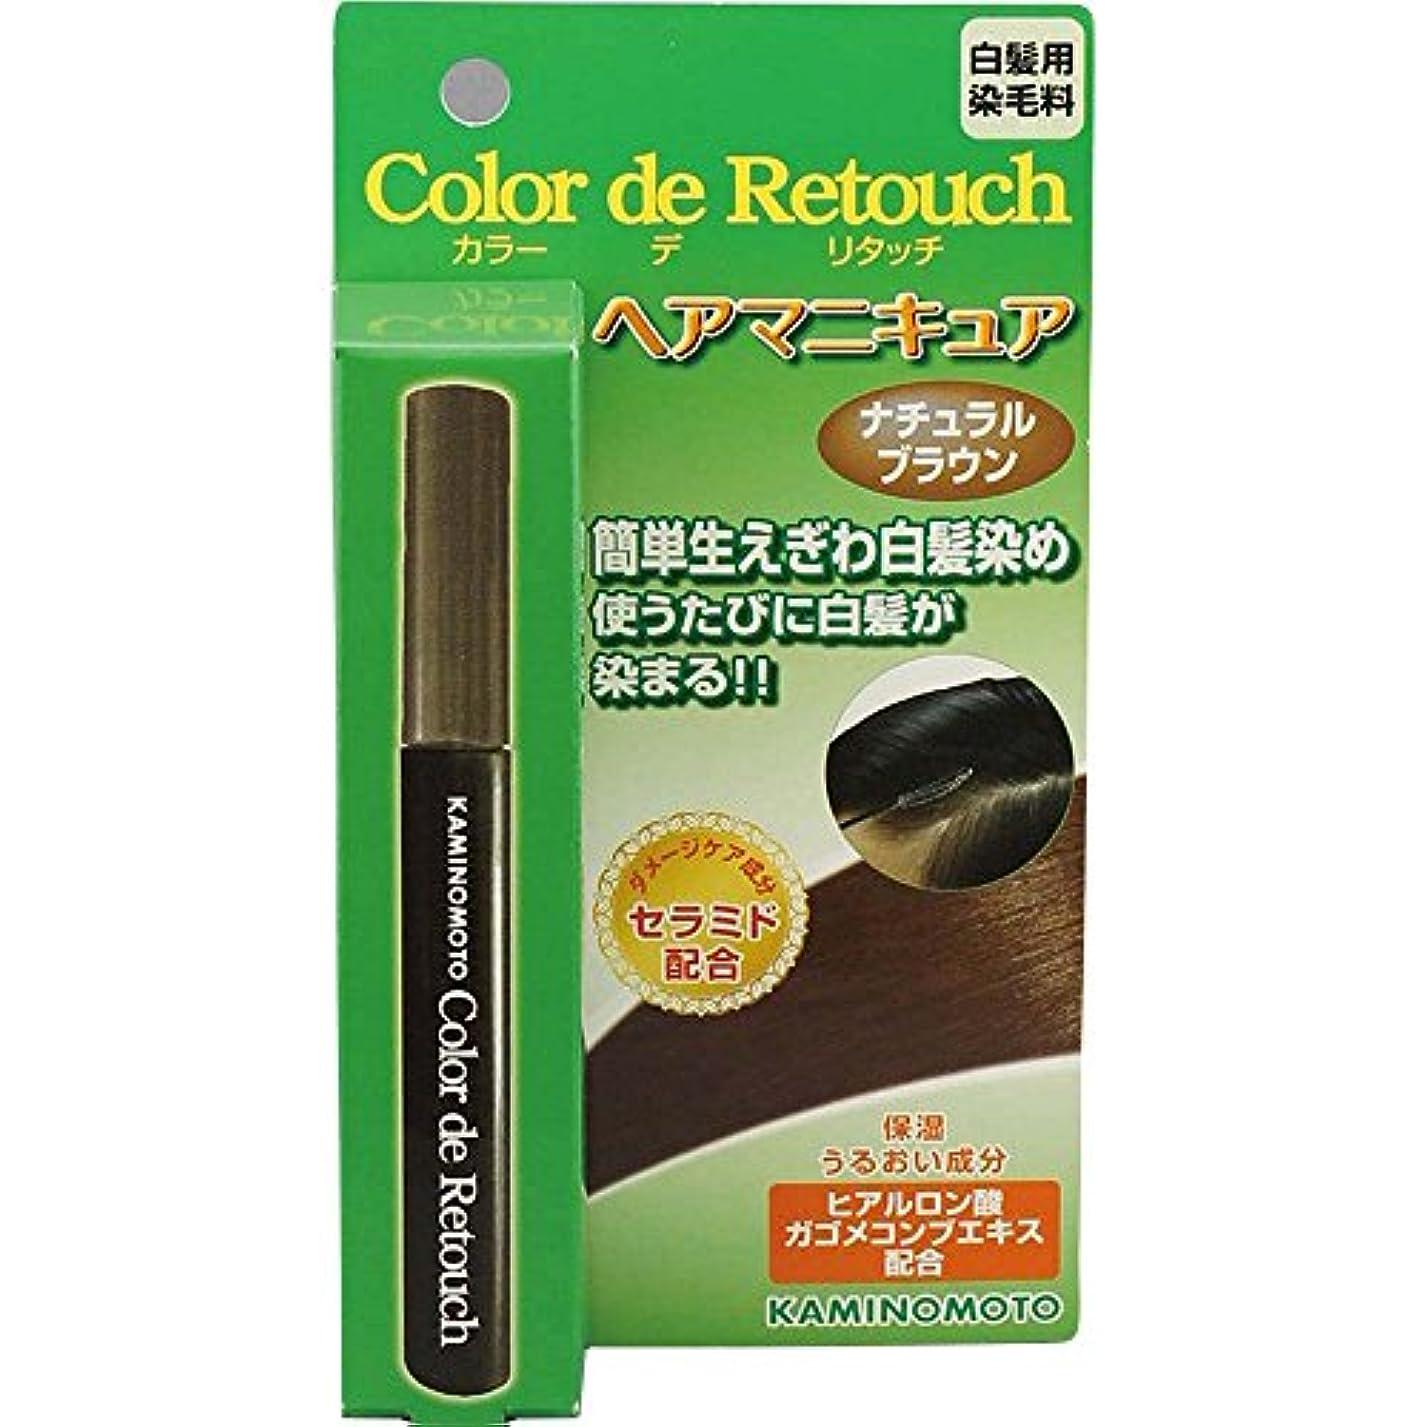 松ランチョン宇宙加美乃素 カラー デ リタッチ ナチュラルブラウン 10mL